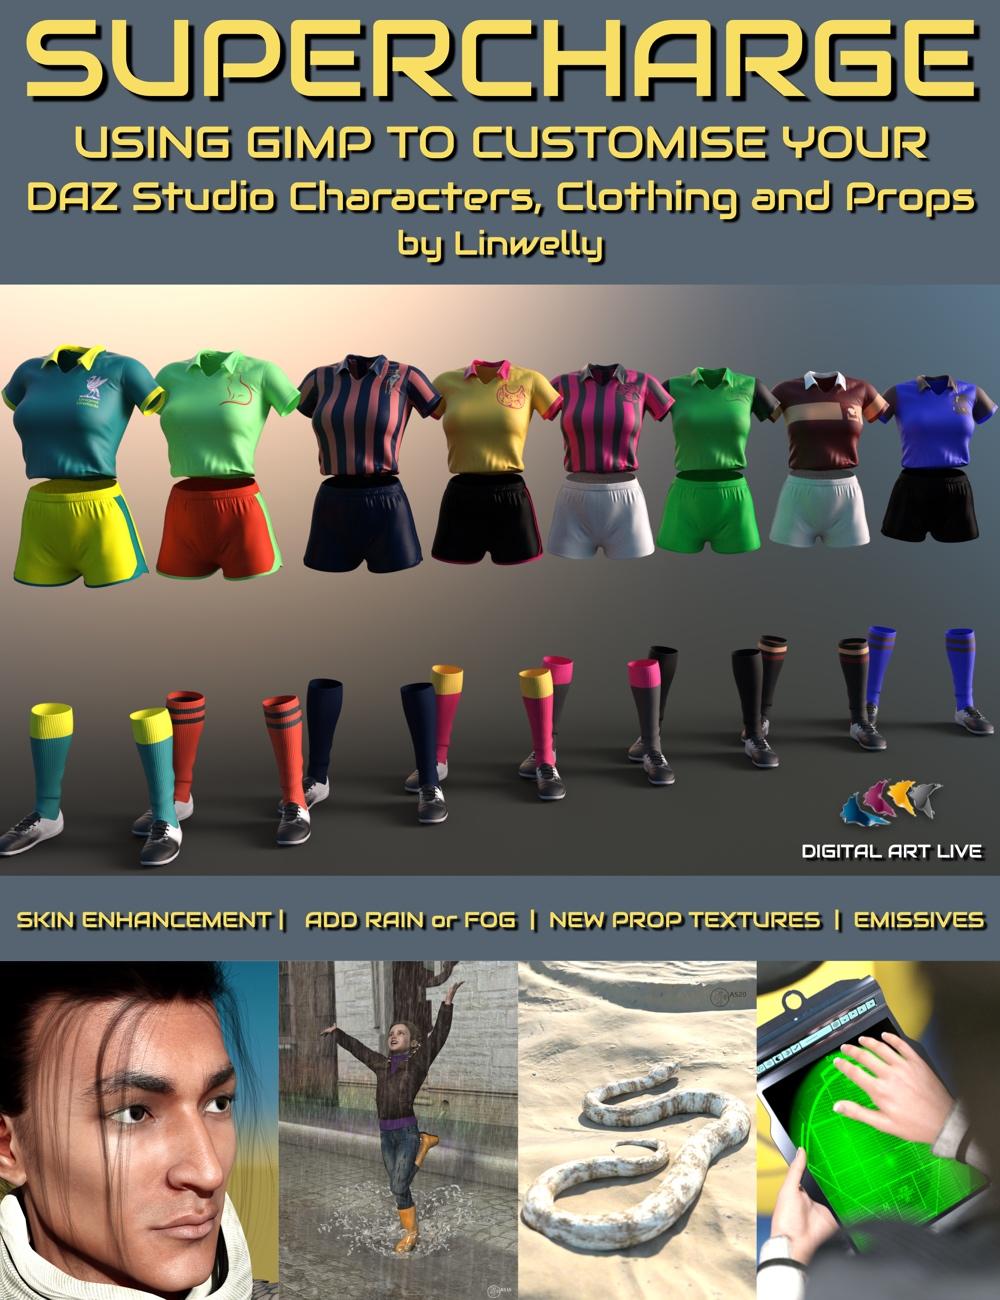 Supercharge Your Daz Studio Content with GIMP by: Digital Art Live, 3D Models by Daz 3D